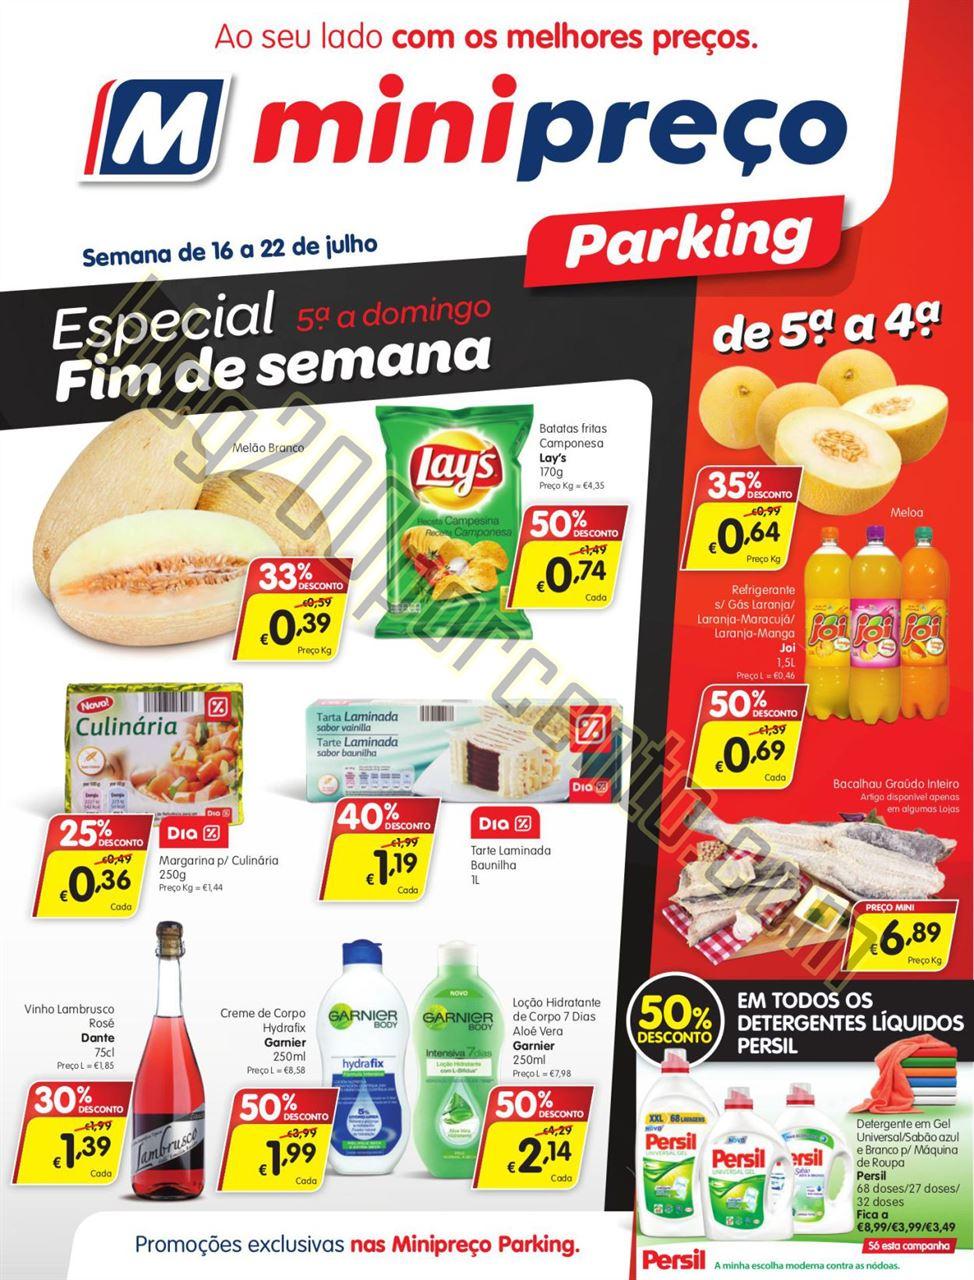 Antevisão Folheto MINIPREÇO Parking de 16 a 22 j